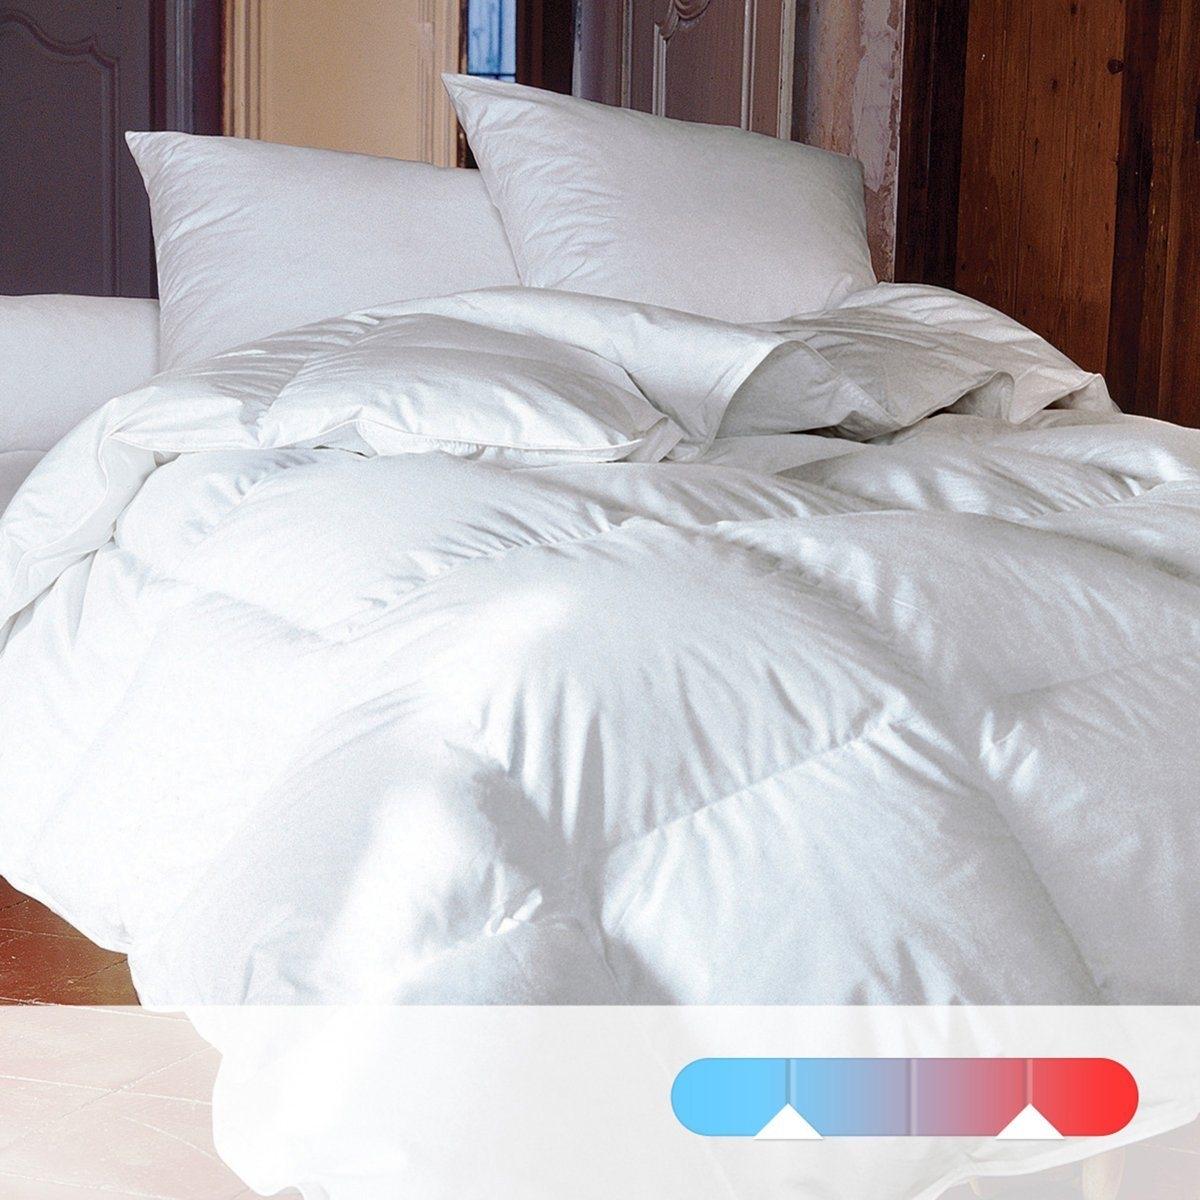 Одеяло двойное натуральное для комфортного сна. 50% пуха, 50% перьев.Одеяло на все времена года: 1 летнее одеяло 130 г/м2 + 1 демисезонное одеяло 200 г/м2 соединяются завязками, образуя теплое зимнее одеяло. Верх: Превосходная тонкая и лёгкая перкаль из 100% хлопка.Наполнитель: 100% натуральный, настоящий пух молодой утки. 50% пуха, 50% перьев.Прострочка: квадратами. Отделка кантом, двойной усиленный стежок.Стирка при 40°.Доставка в чемоданчике для хранения..<br><br>Цвет: белый